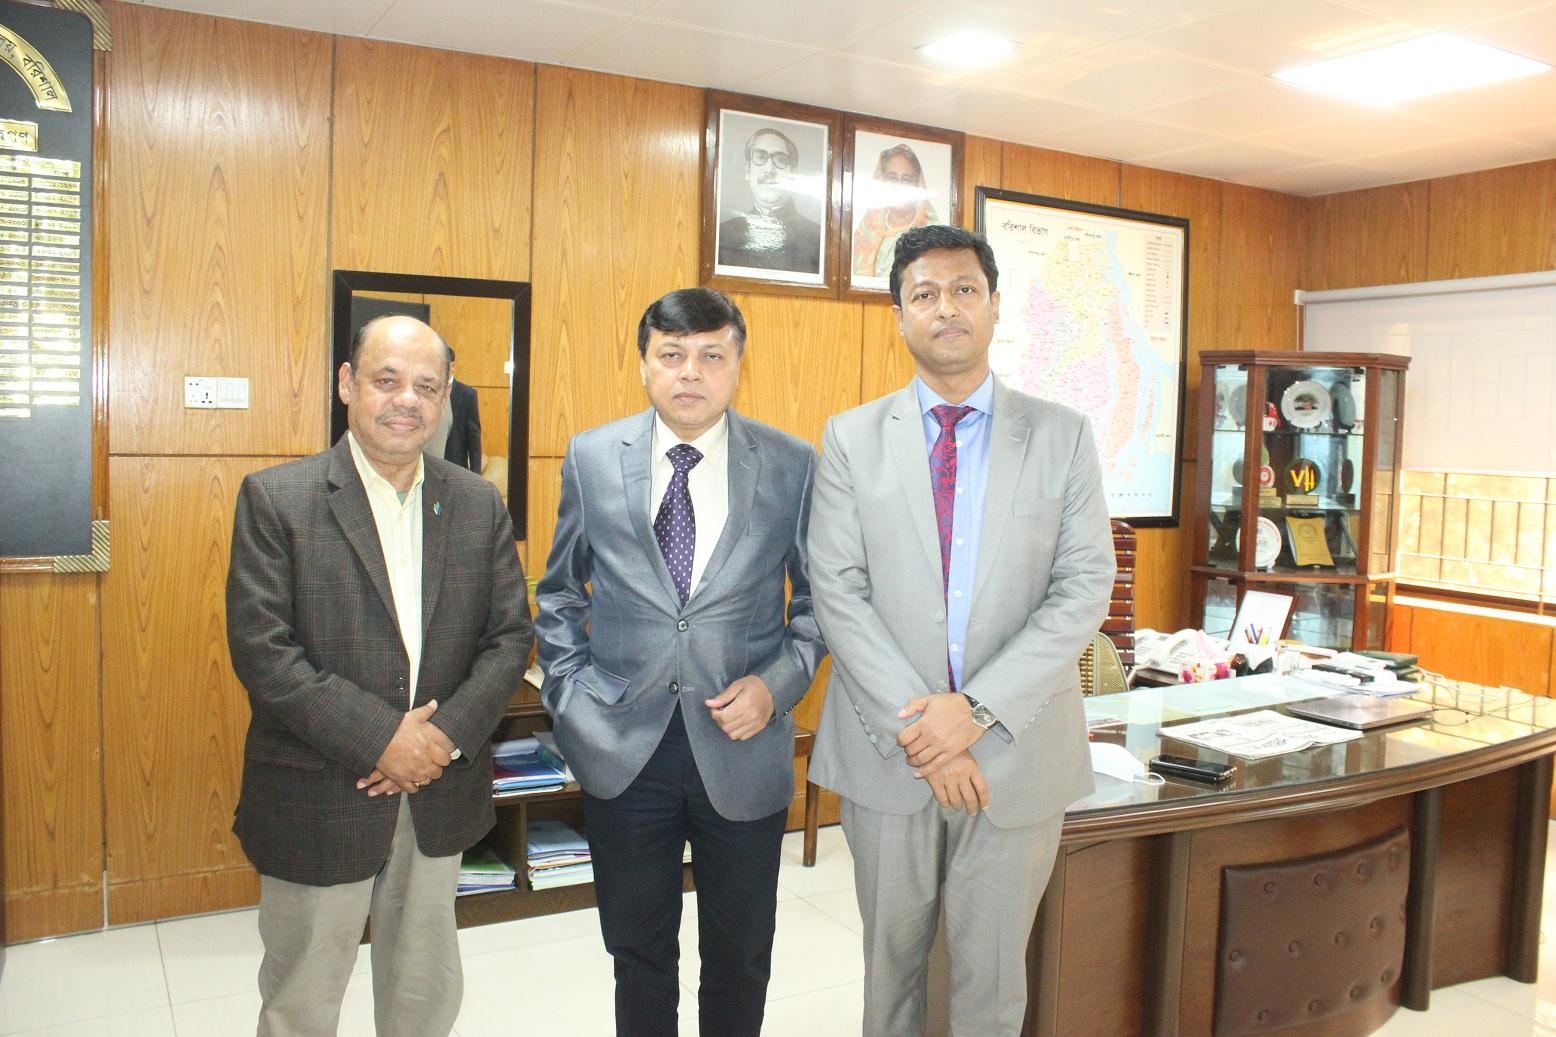 বিভাগীয় কমিশনার ও জেলা প্রশাসক'র সাথে কাজী নাসির উদ্দিন বাবুল'র সৌজন্য সাক্ষাৎ